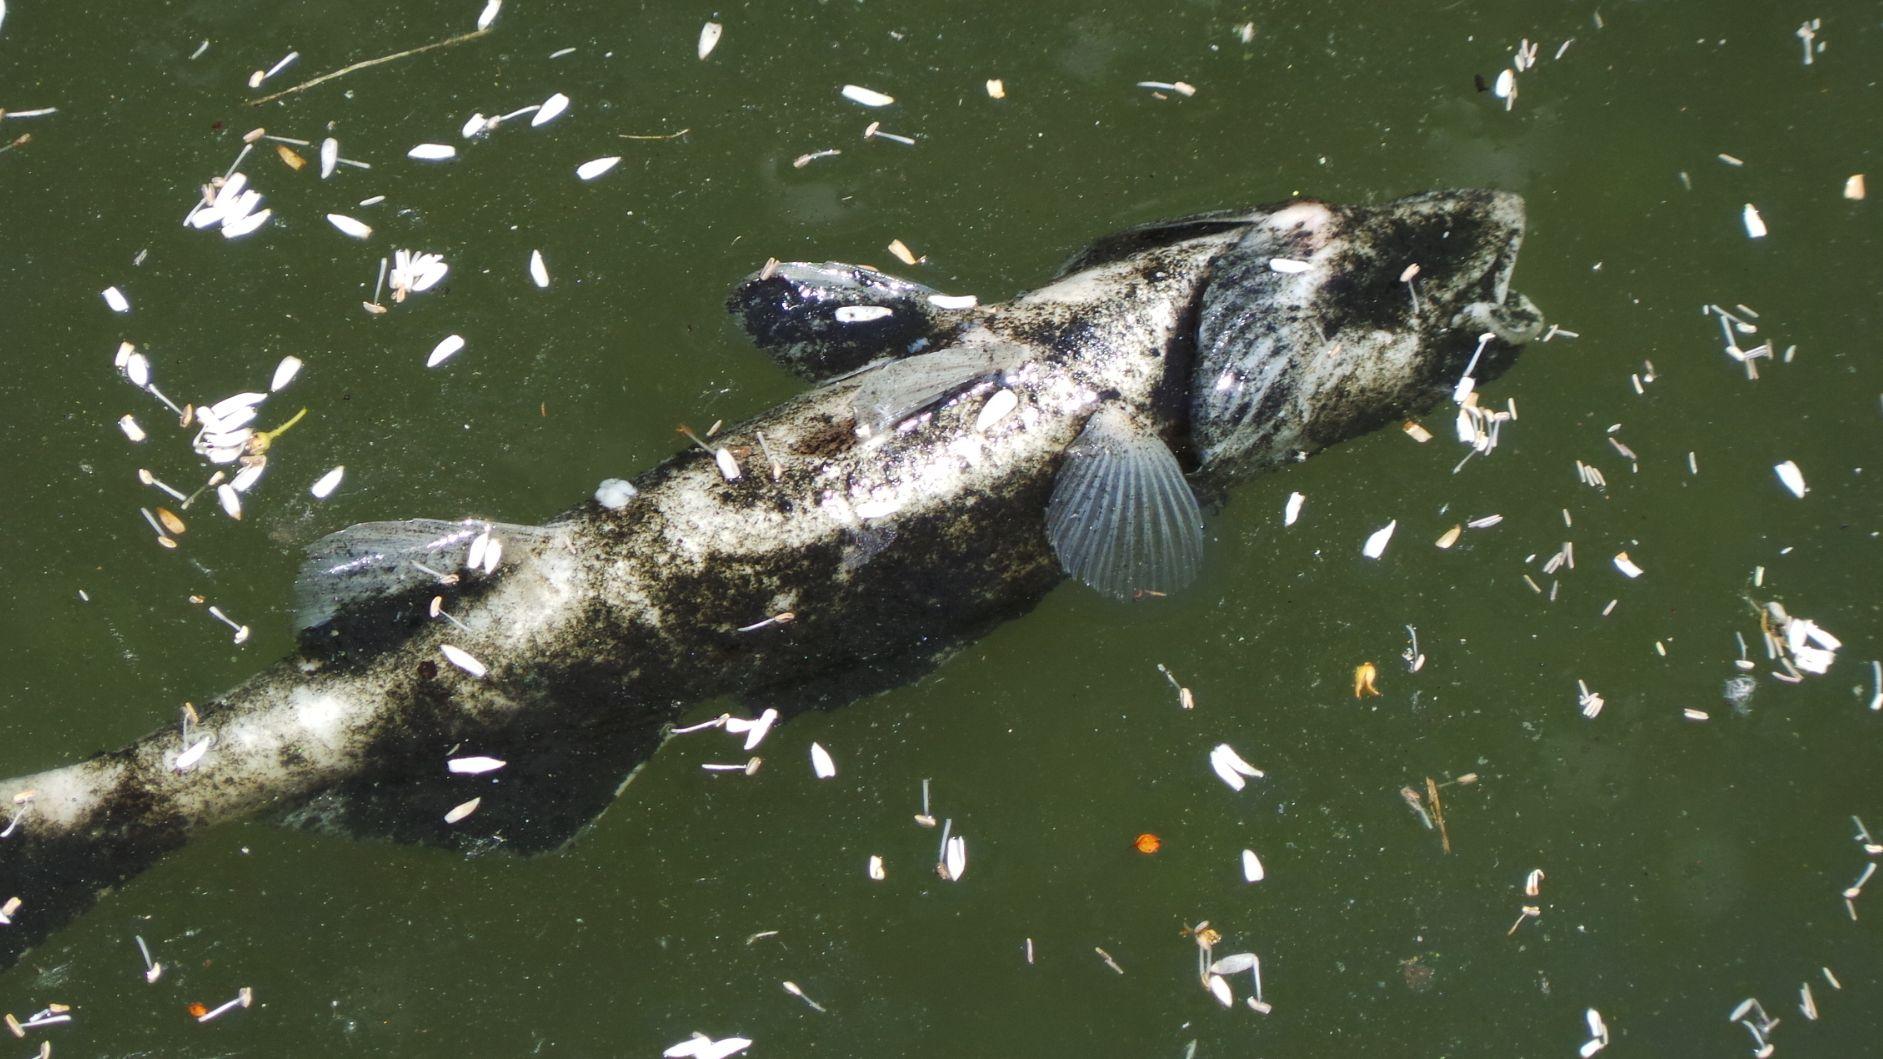 Toter Fisch treibt im Wasser (Symbolbild)